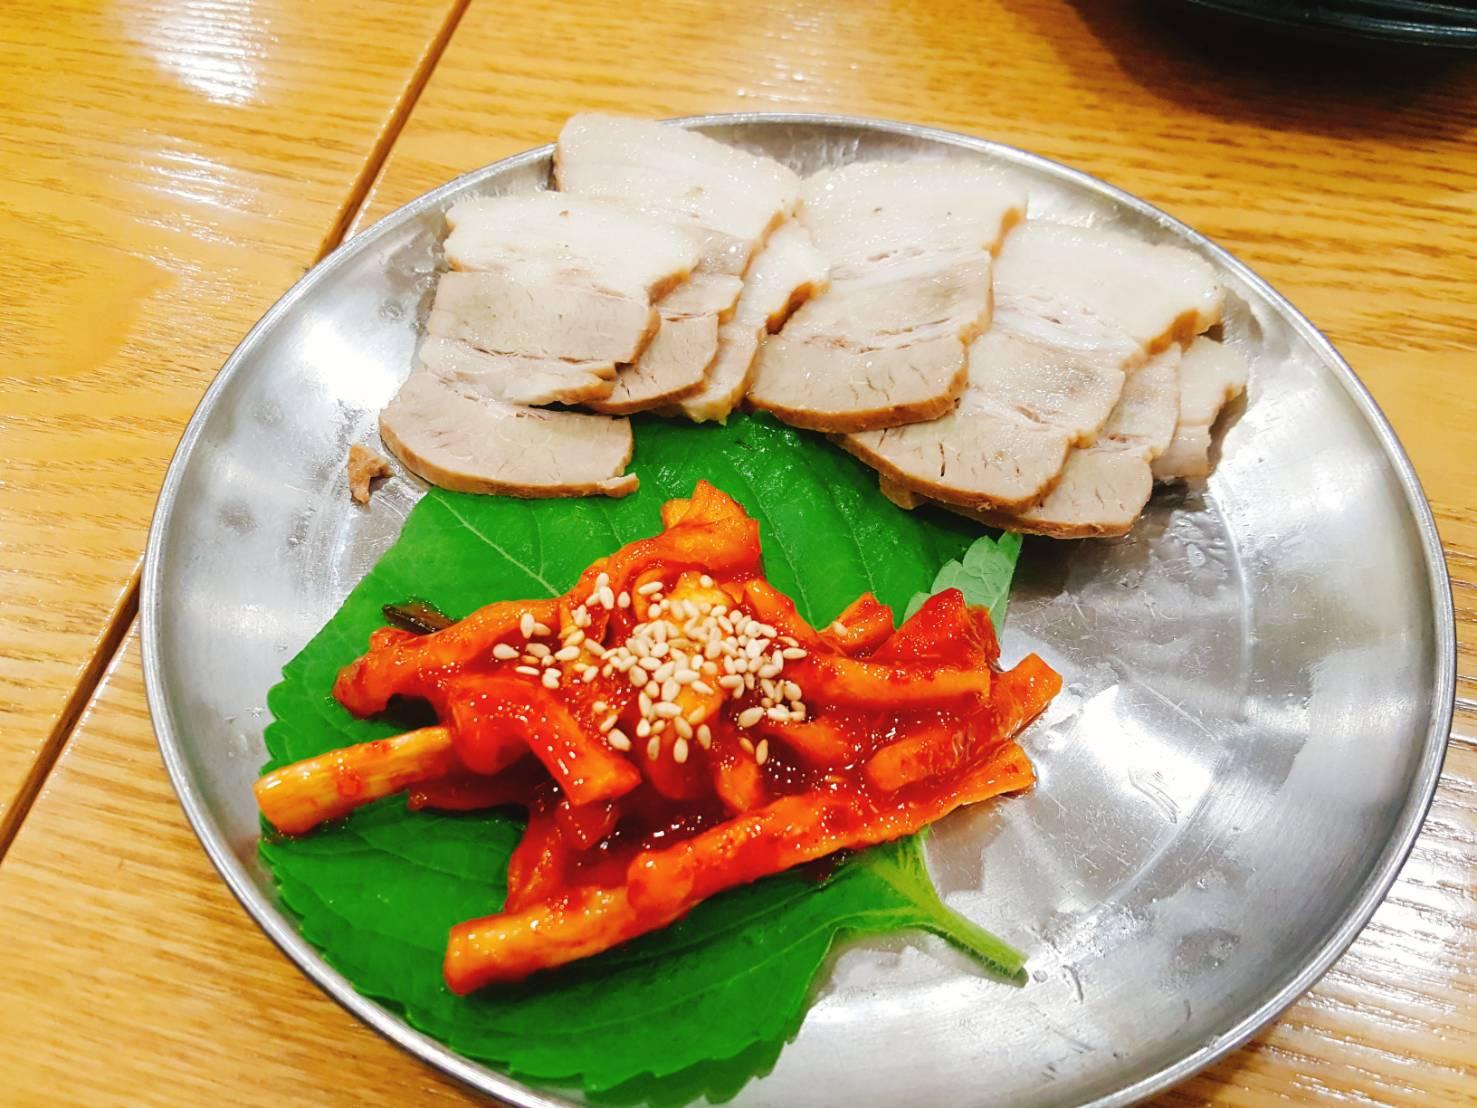 最後一道是有點像台灣的白切肉那樣,只是旁邊多了辣蘿蔔點綴,搭配蘿蔔吃,更是別有一番風味,但是這樣一盤要韓幣3500好像就有點給它小貴。